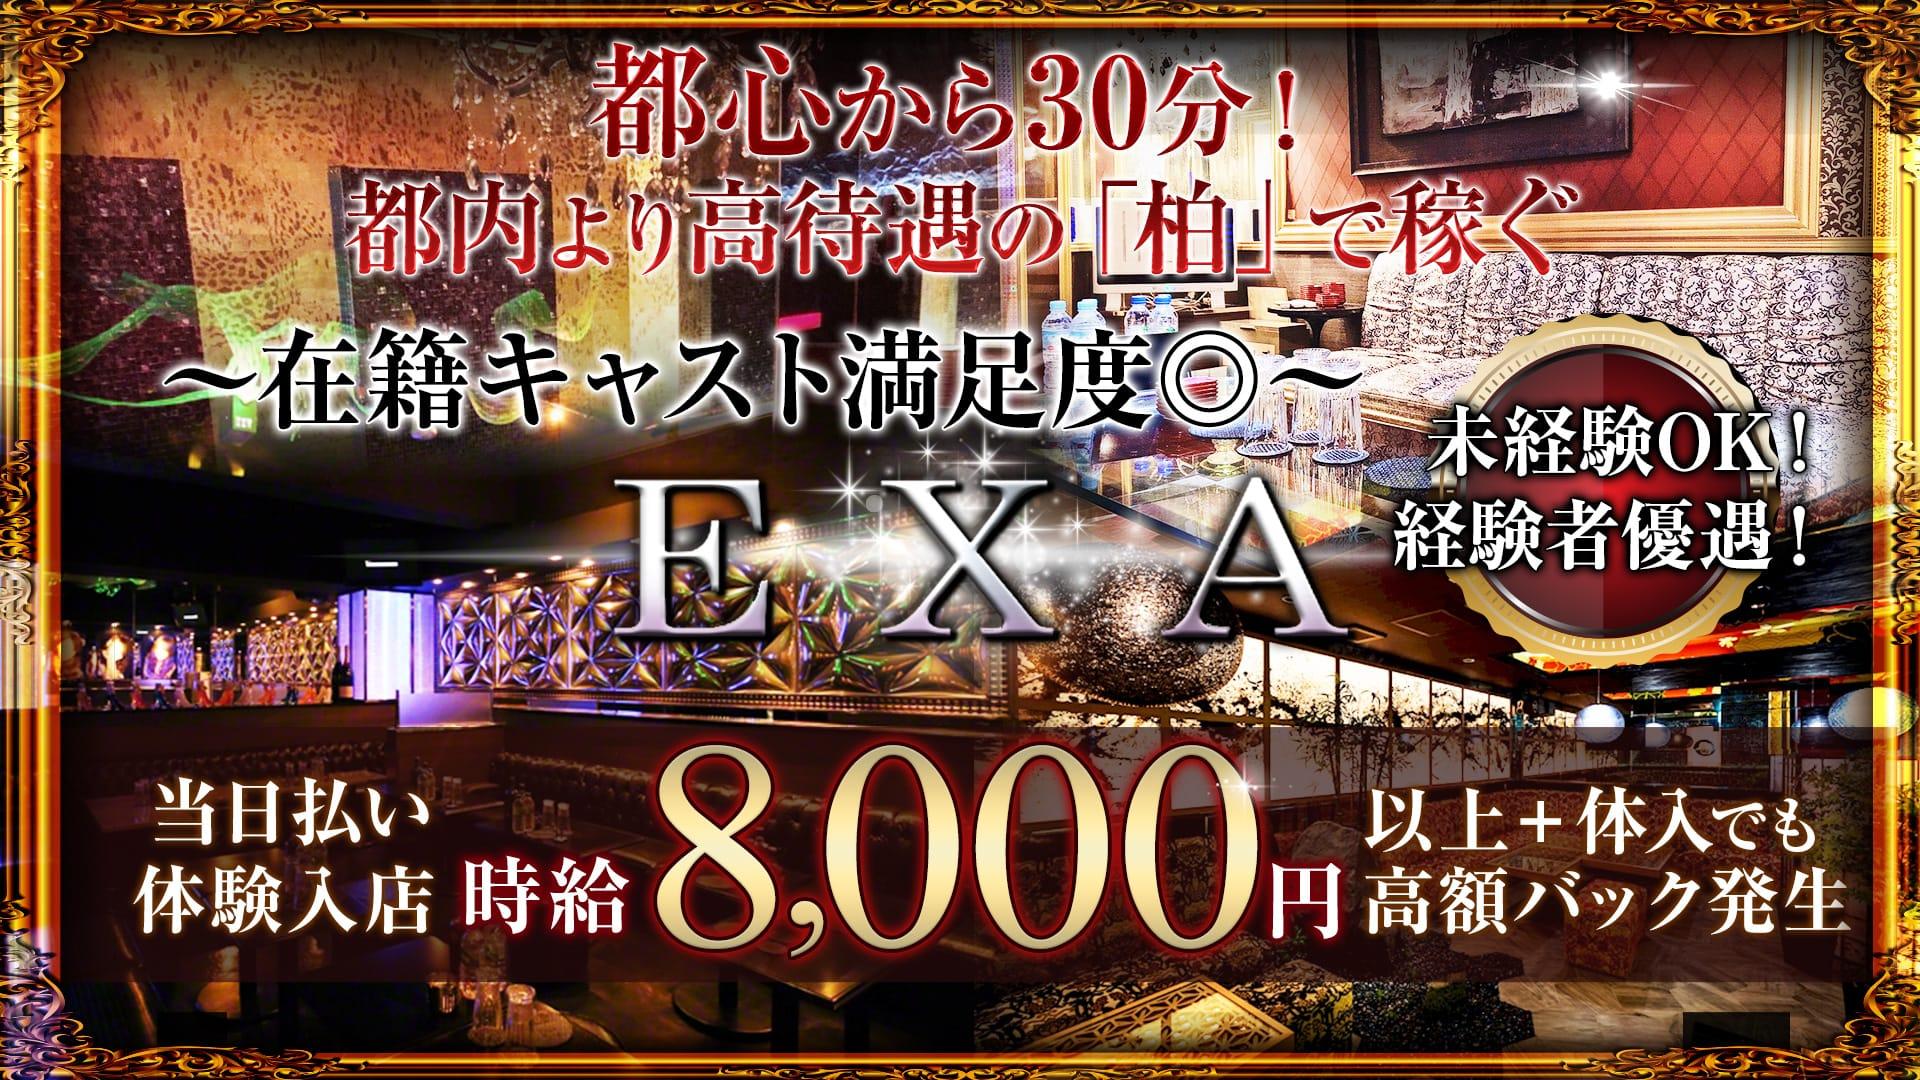 【柏】Club EXA(エグザ) 六本木キャバクラ TOP画像